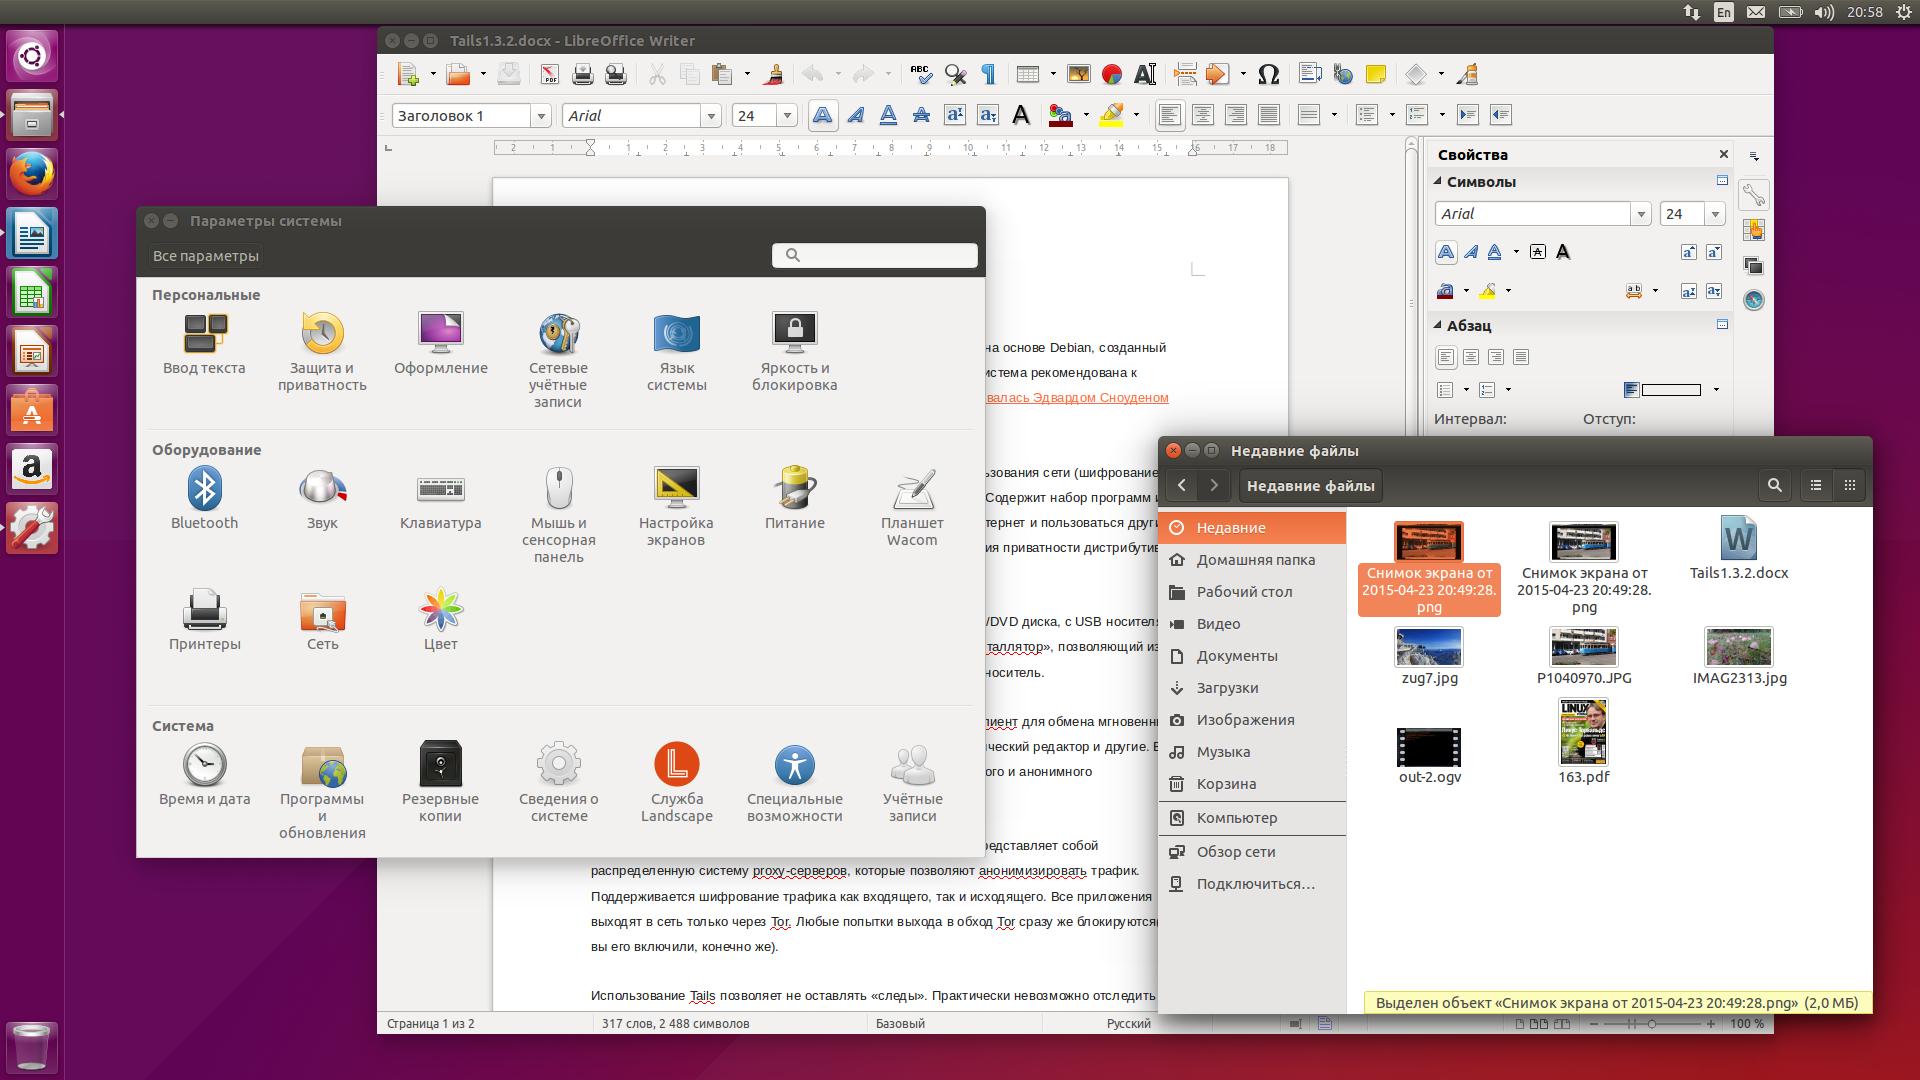 Обзор Ubuntu 15.04 Desktop (Vivid Vervet)